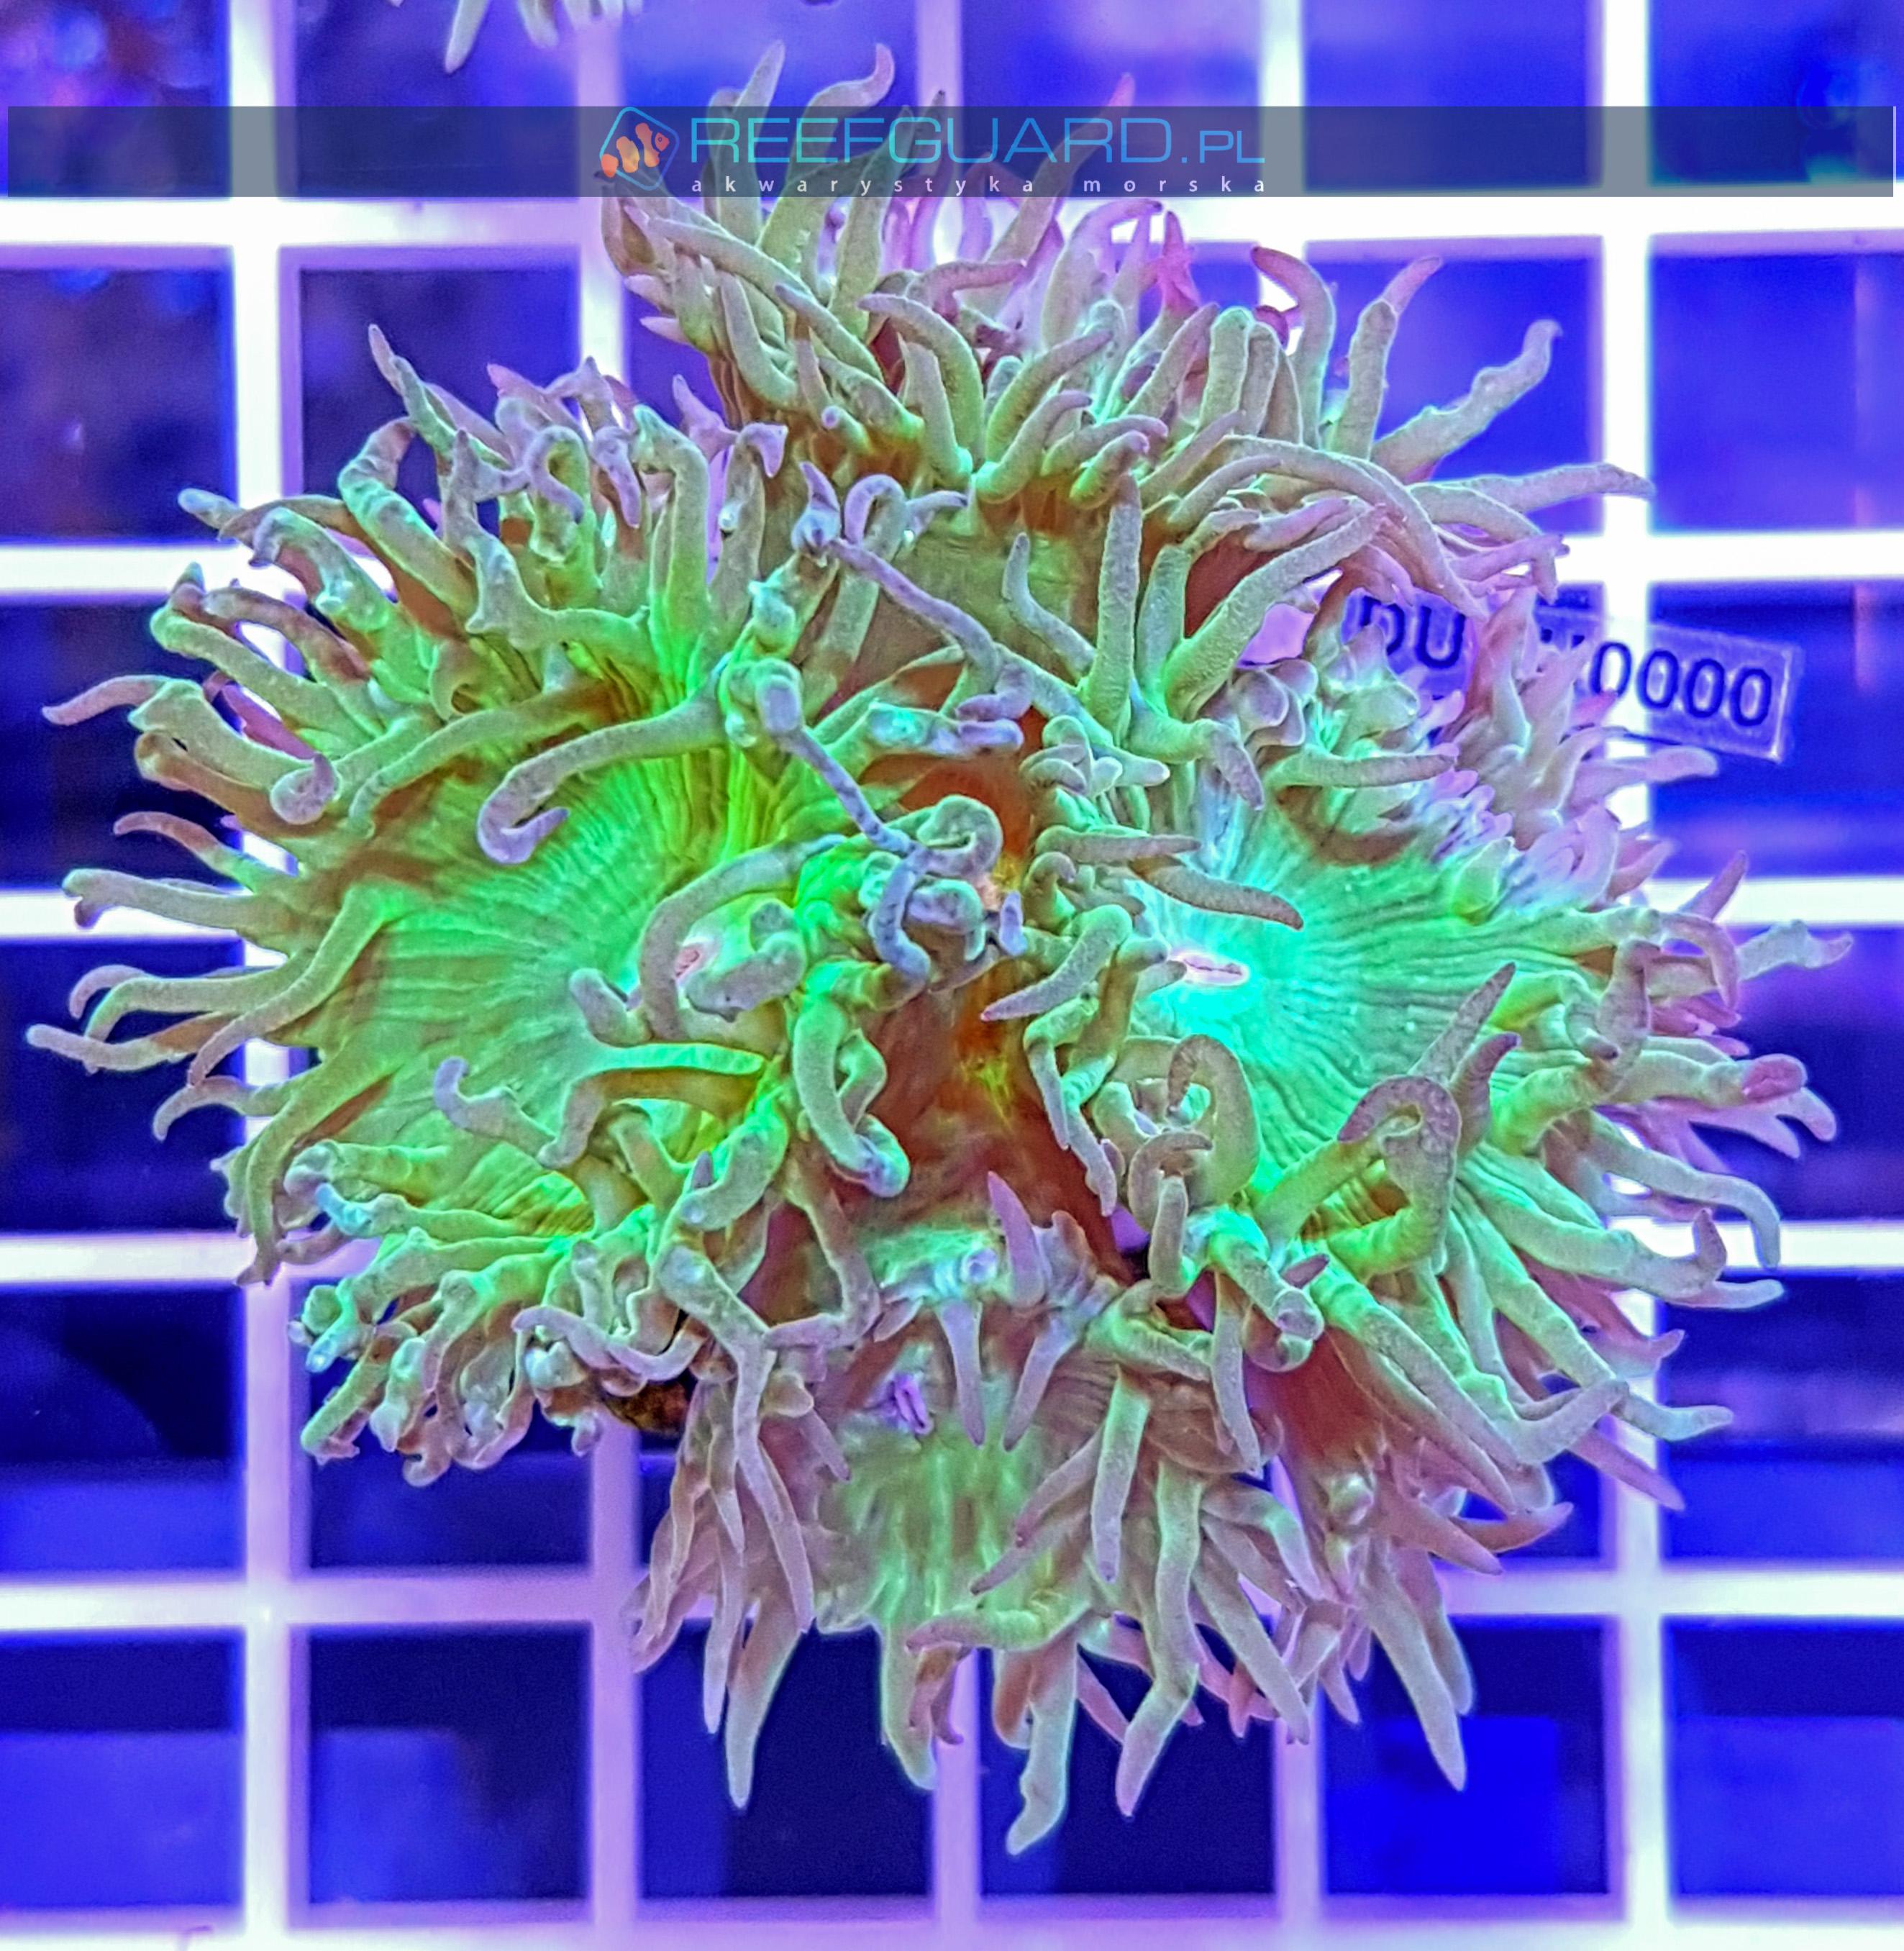 Duncanopsammia axifuga Dunka DUNH0000 Szczecin reefguard alwarystyka morska